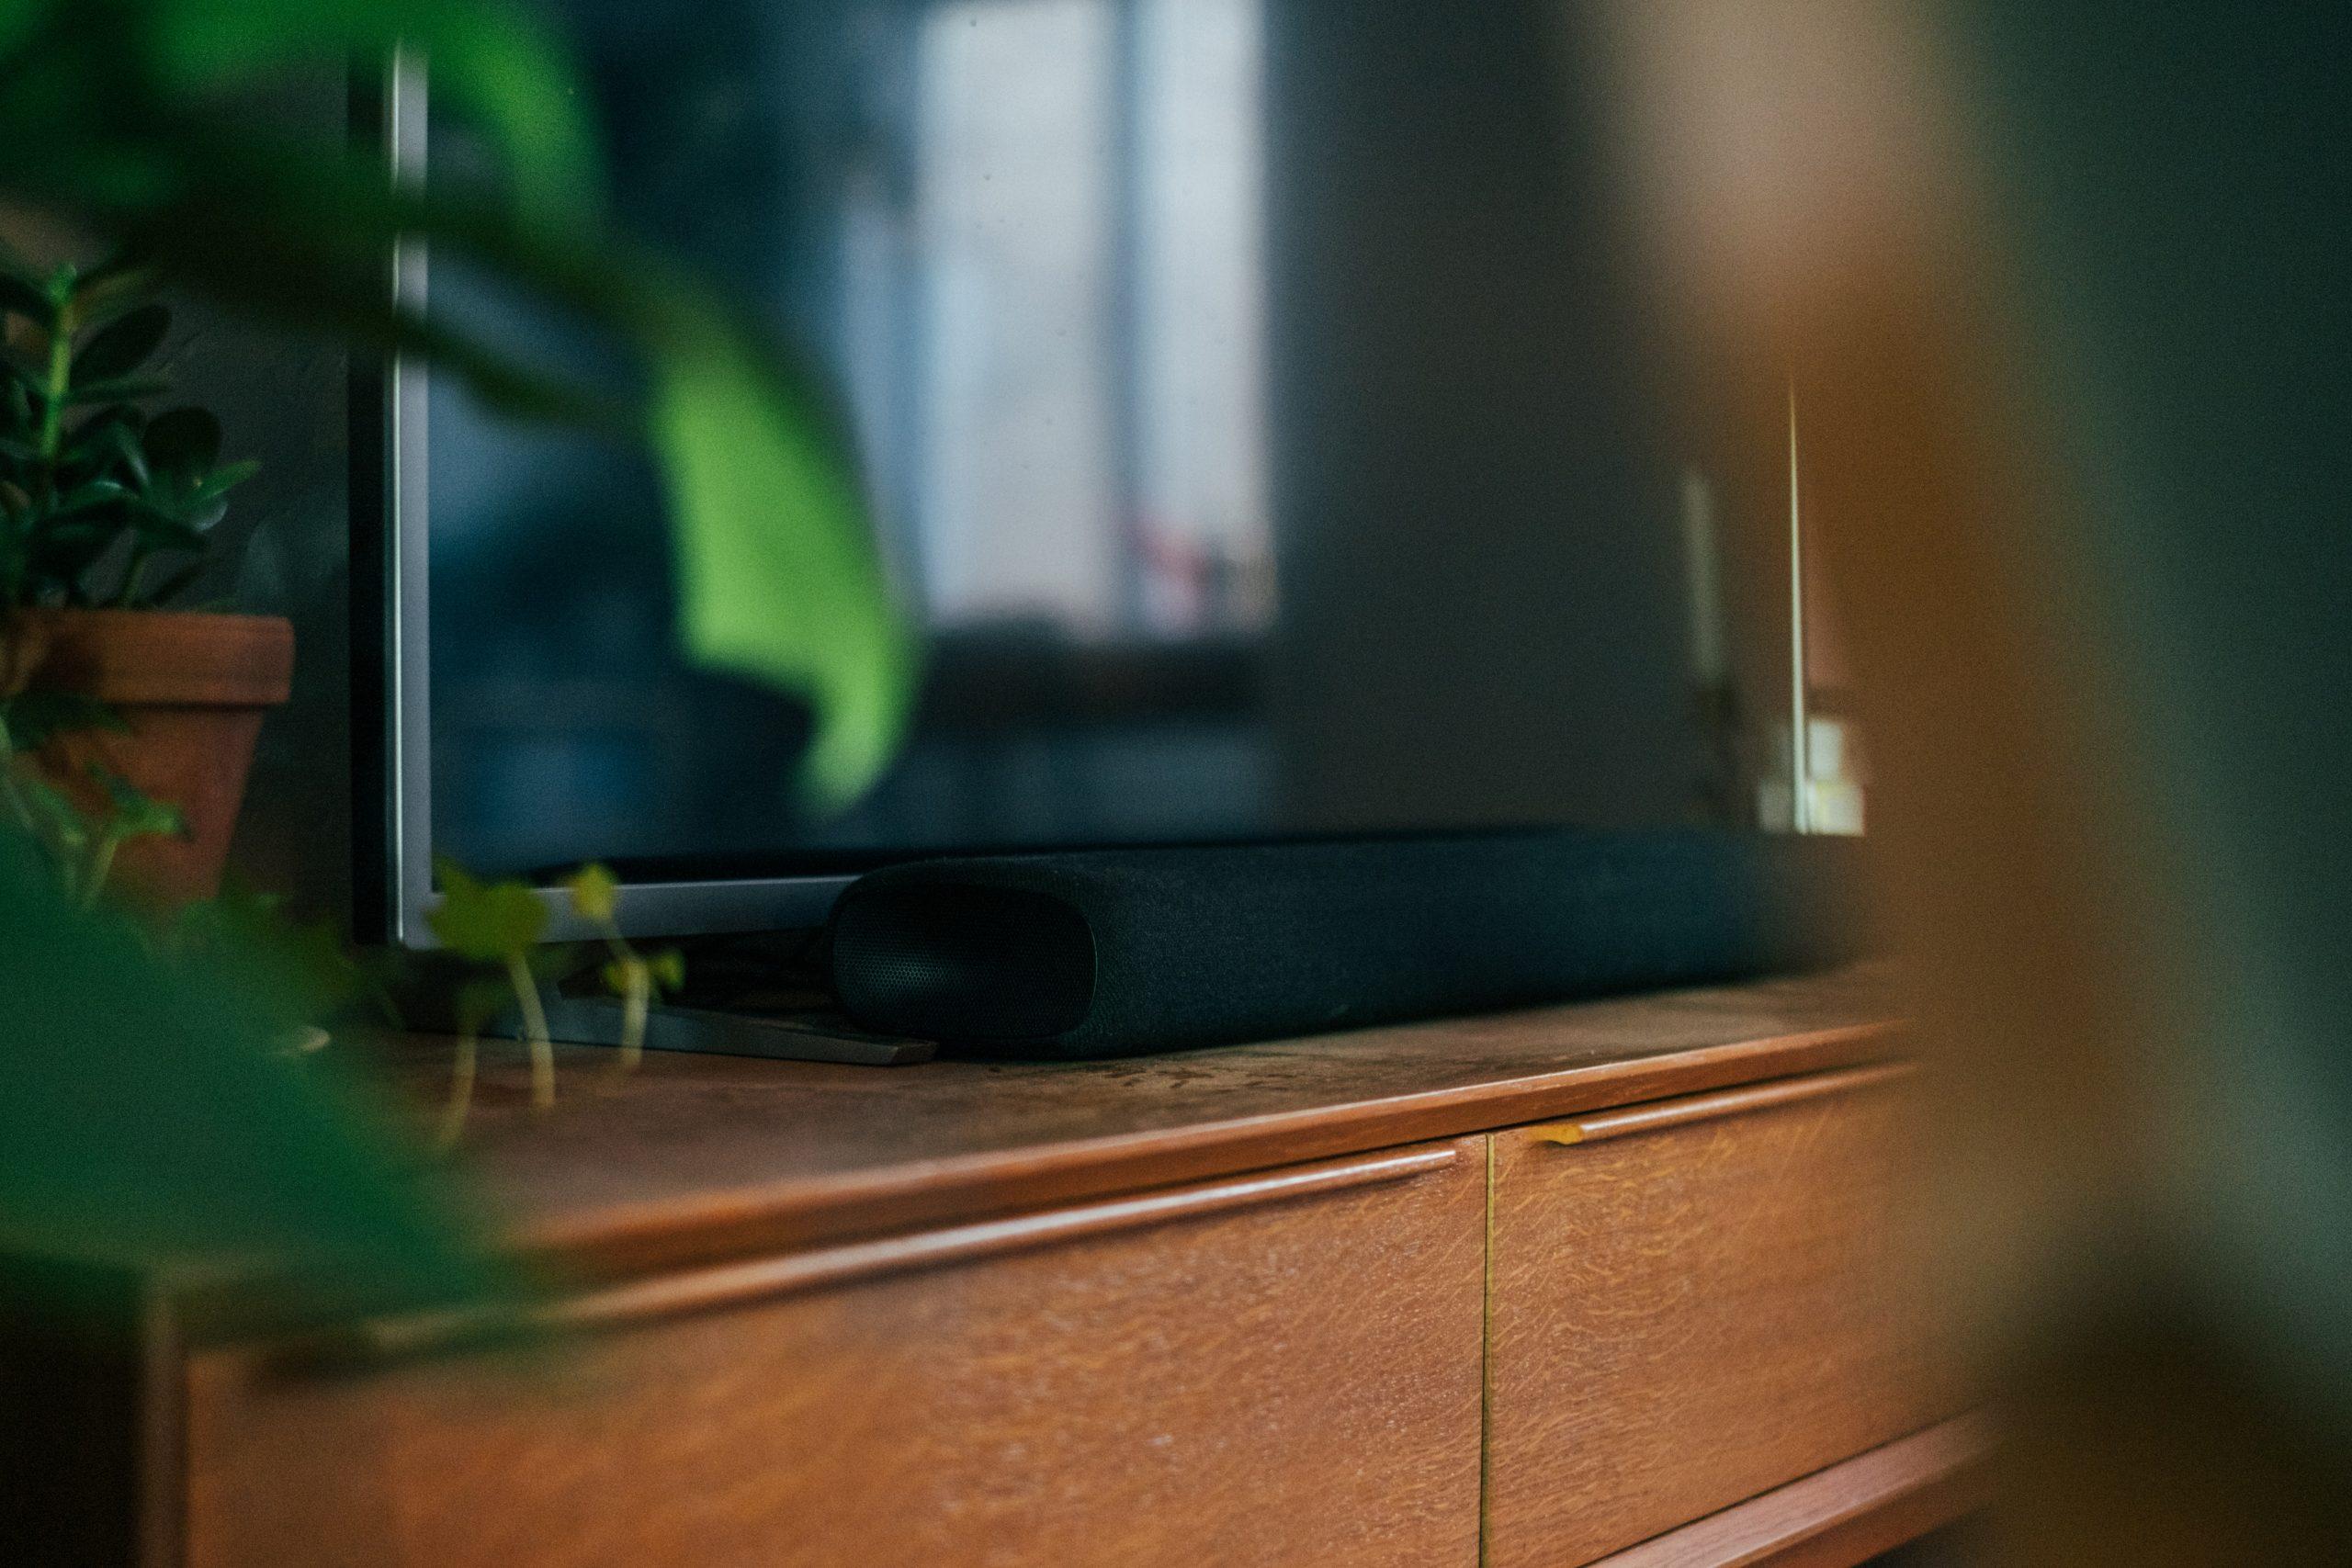 Imagem mostra uma TV com soundbar sobre um móvel.